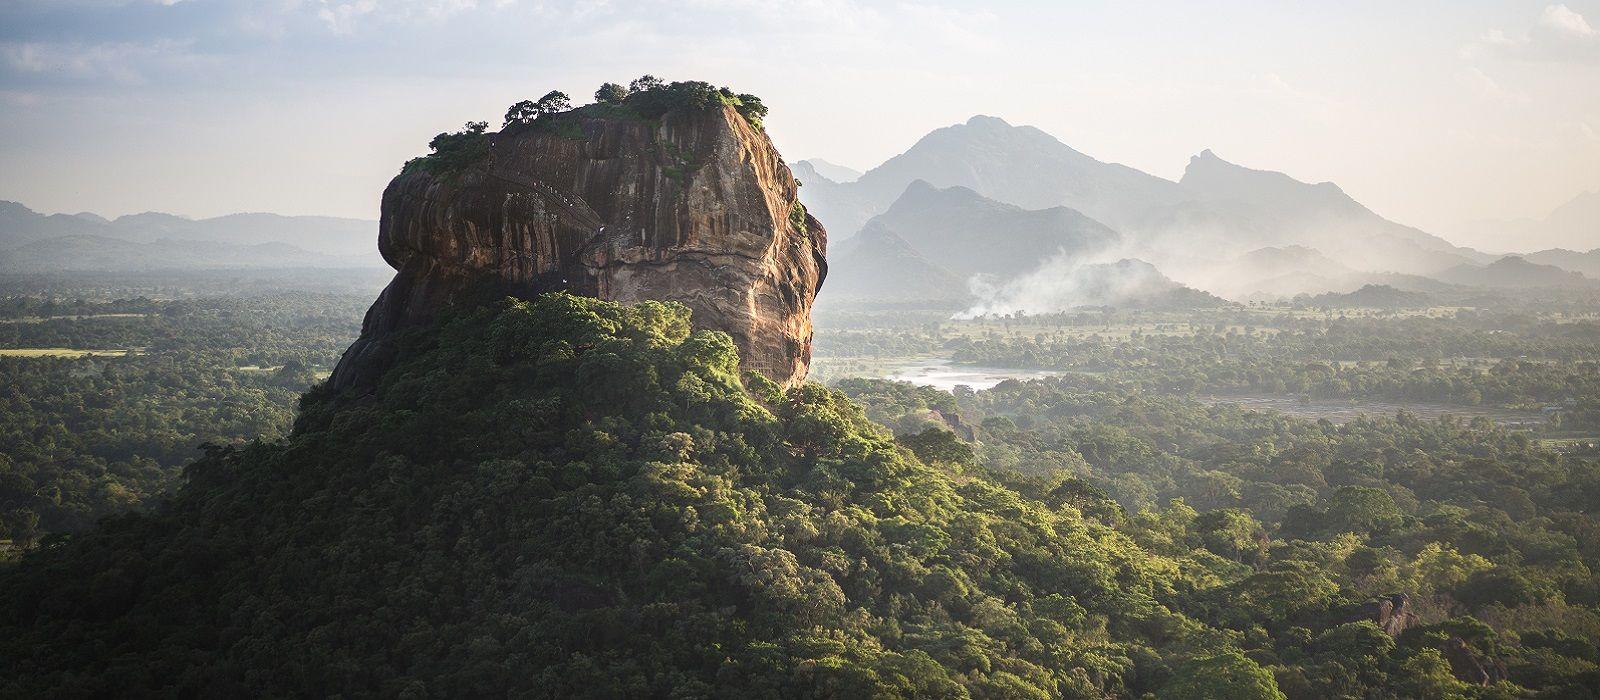 Die Höhepunkte Sri Lankas – Berge, heilige Felsen und Erholung am Strand Urlaub 3